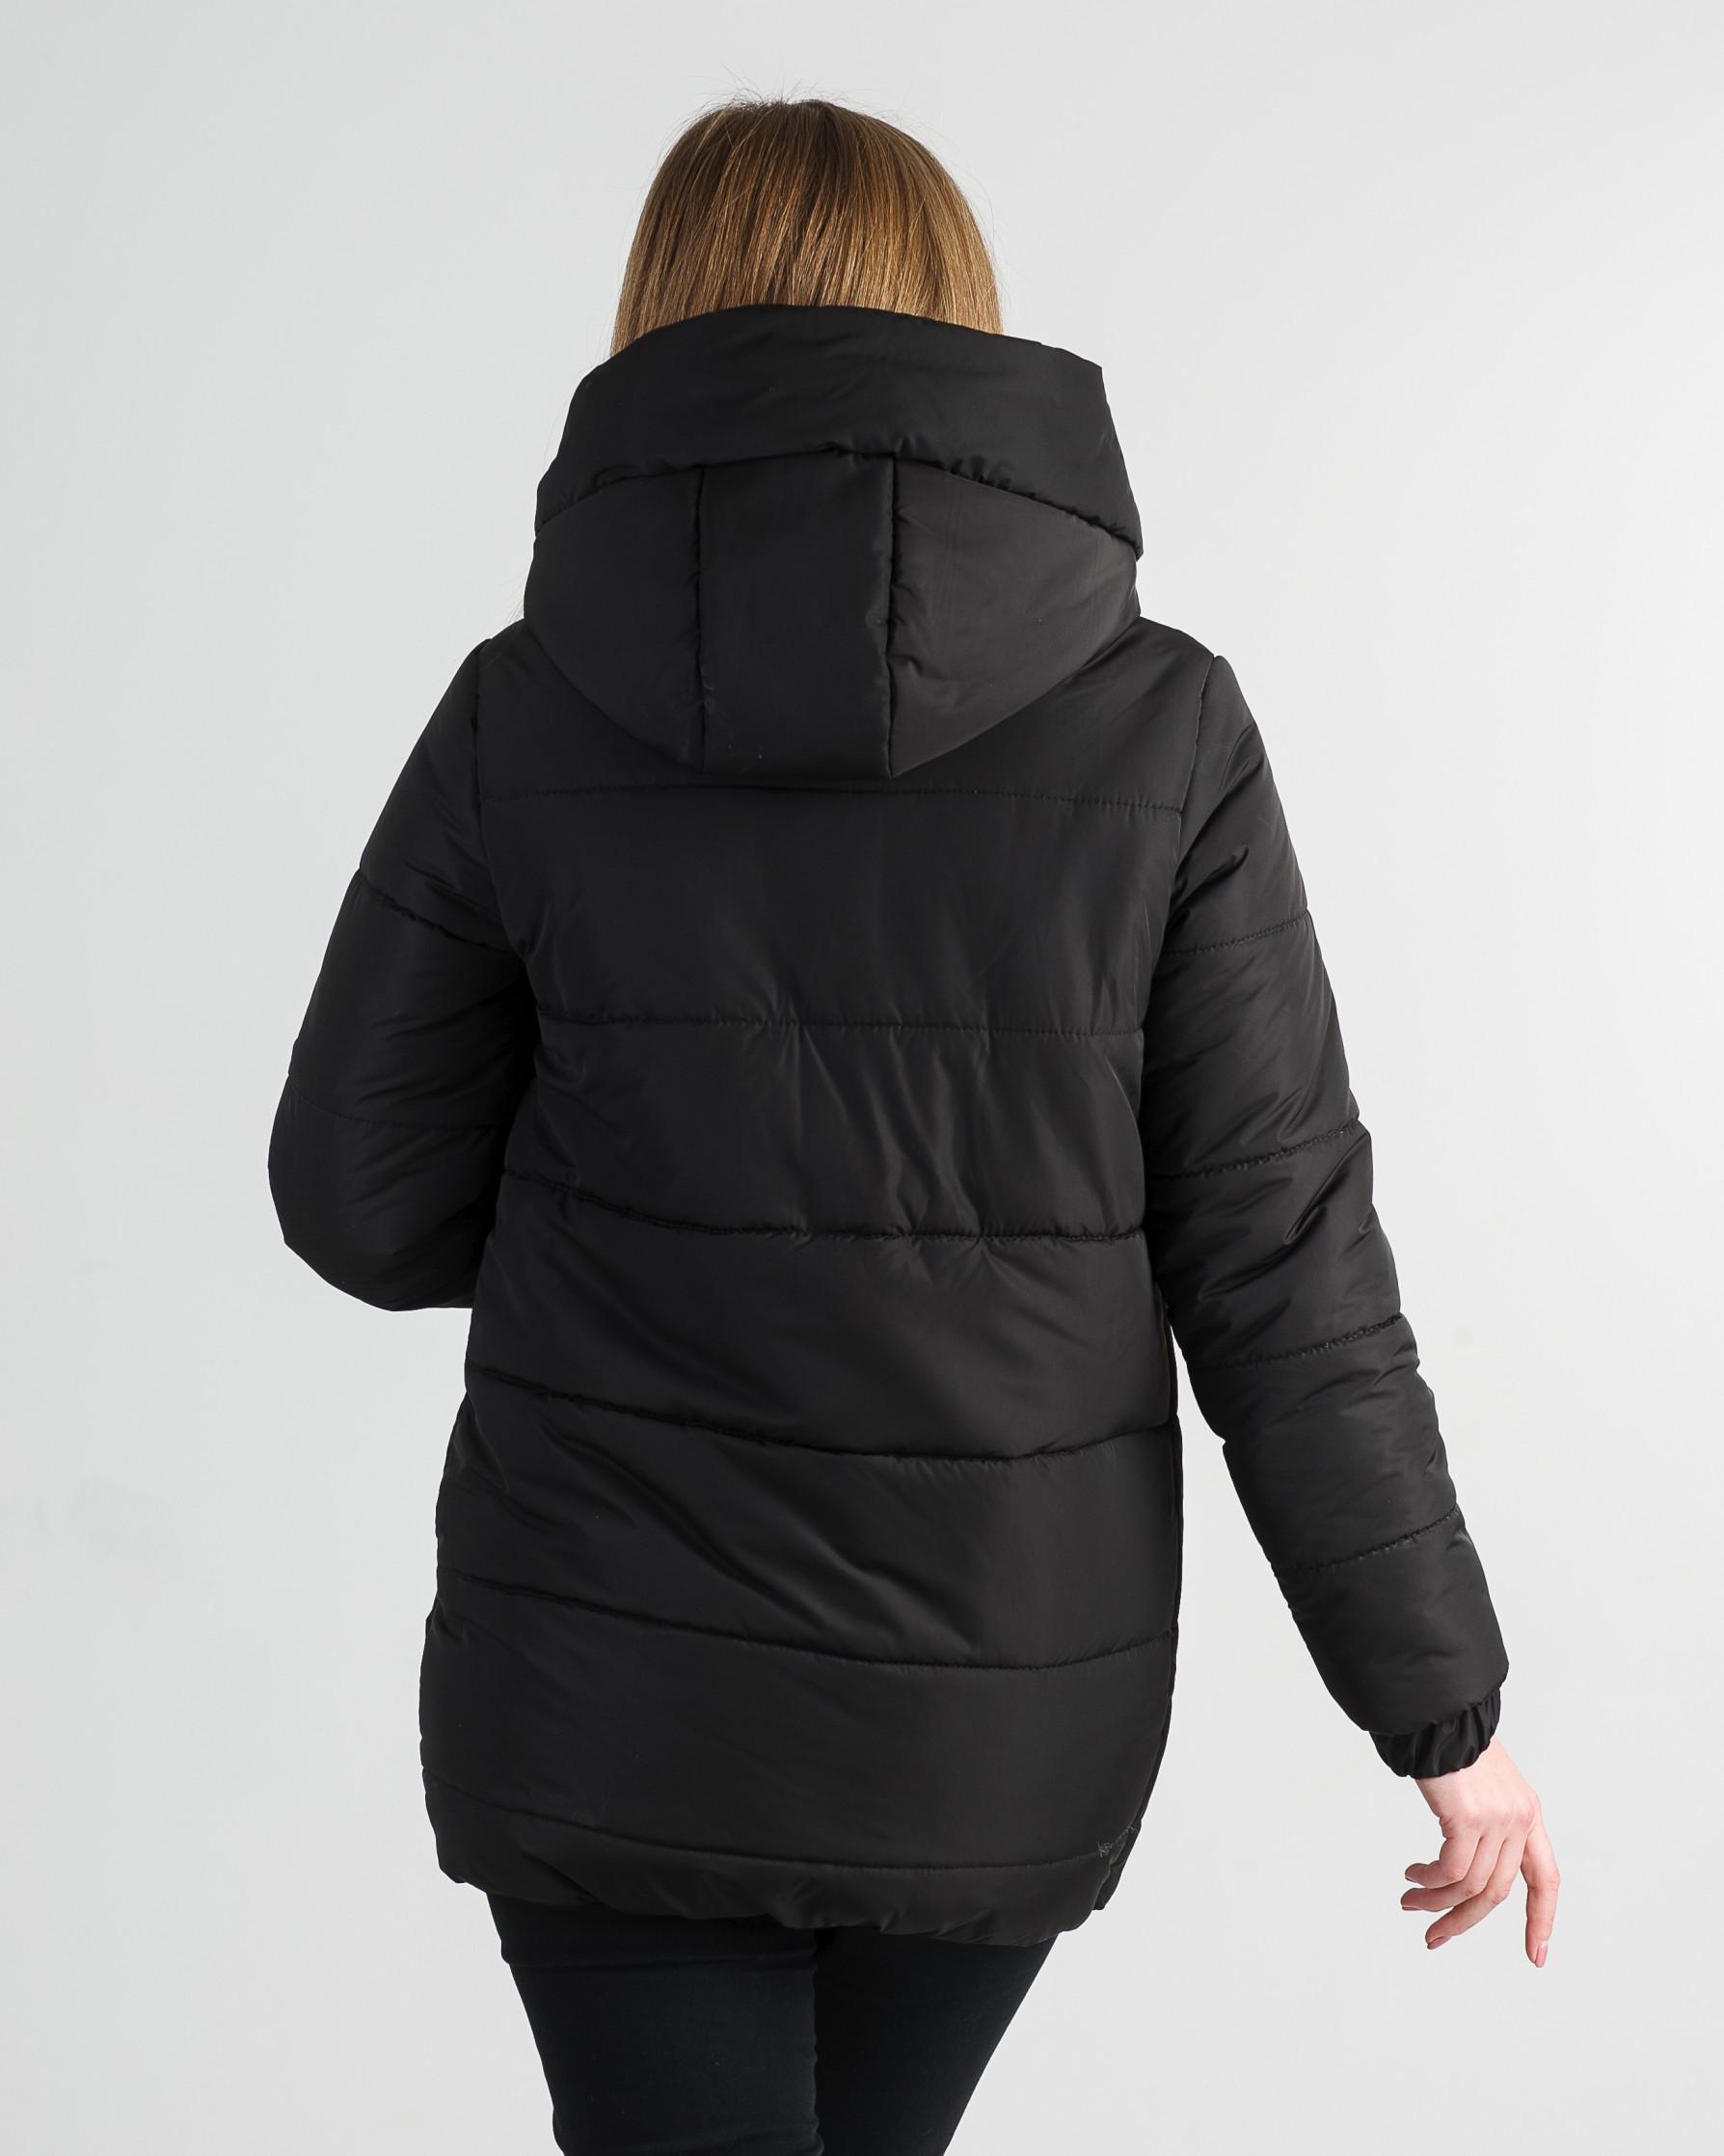 Зимняя удлинённая чёрная куртка для девушки Прада